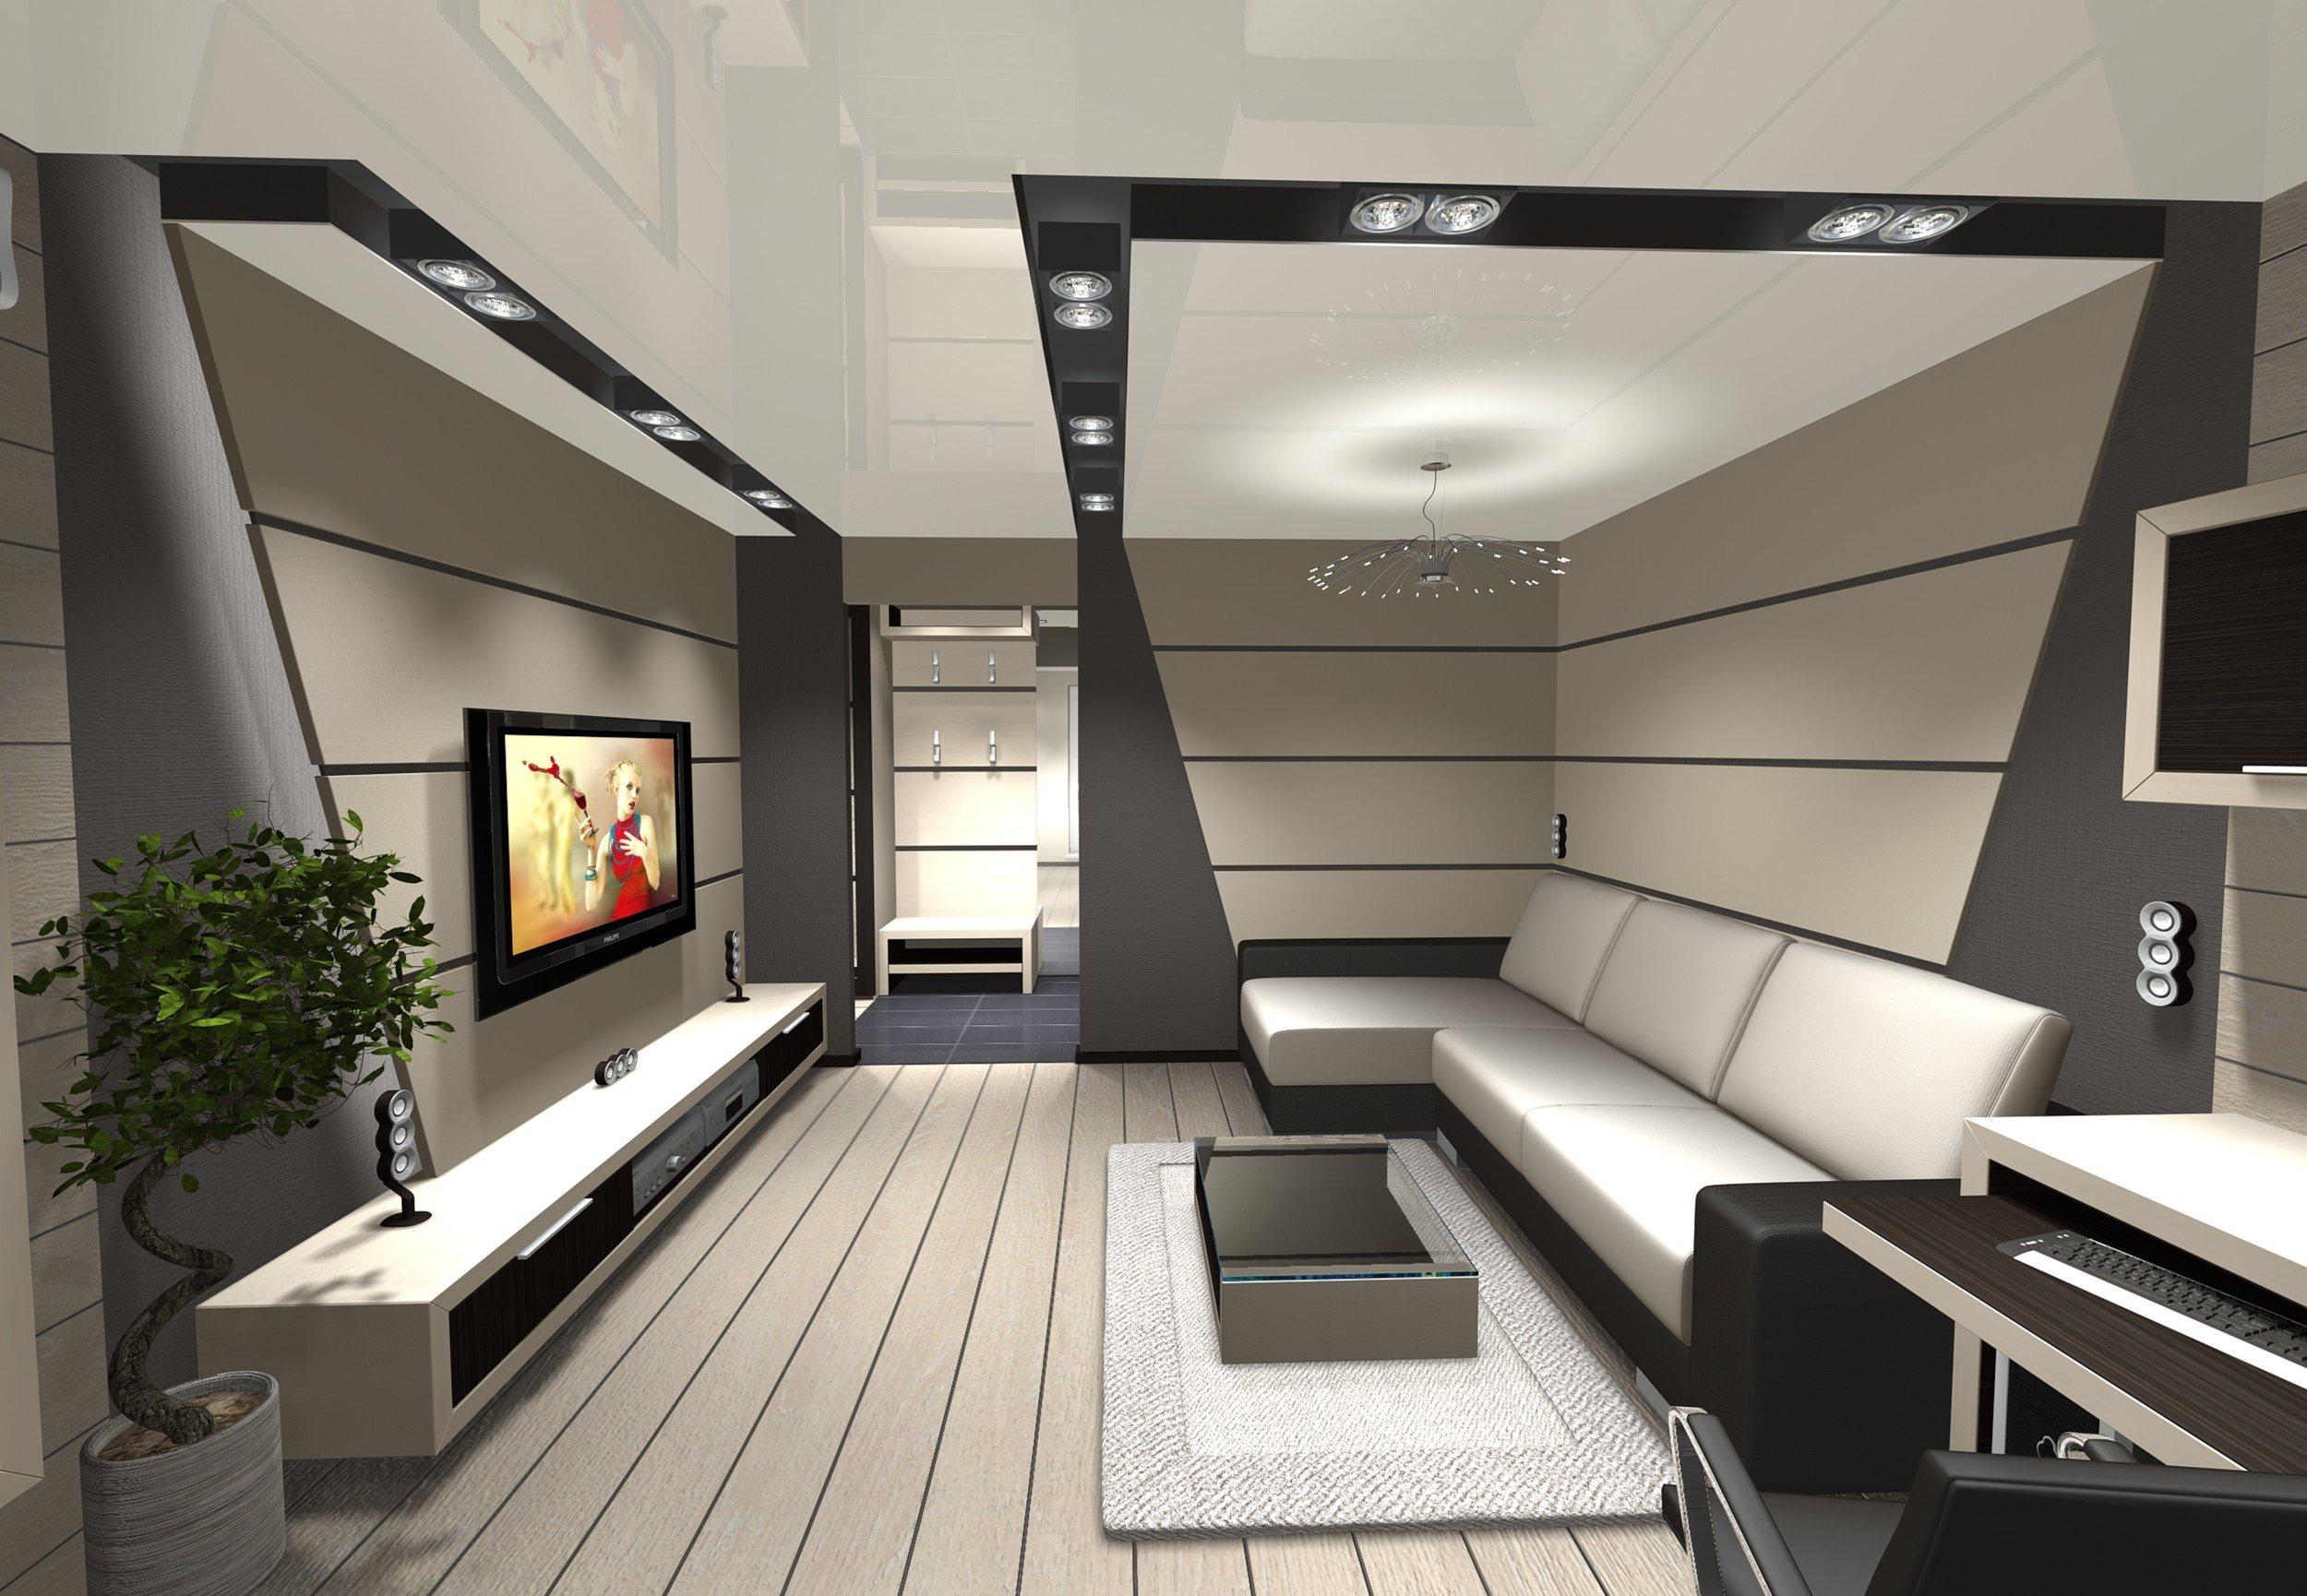 гостиная в стиле хай тек дизайн